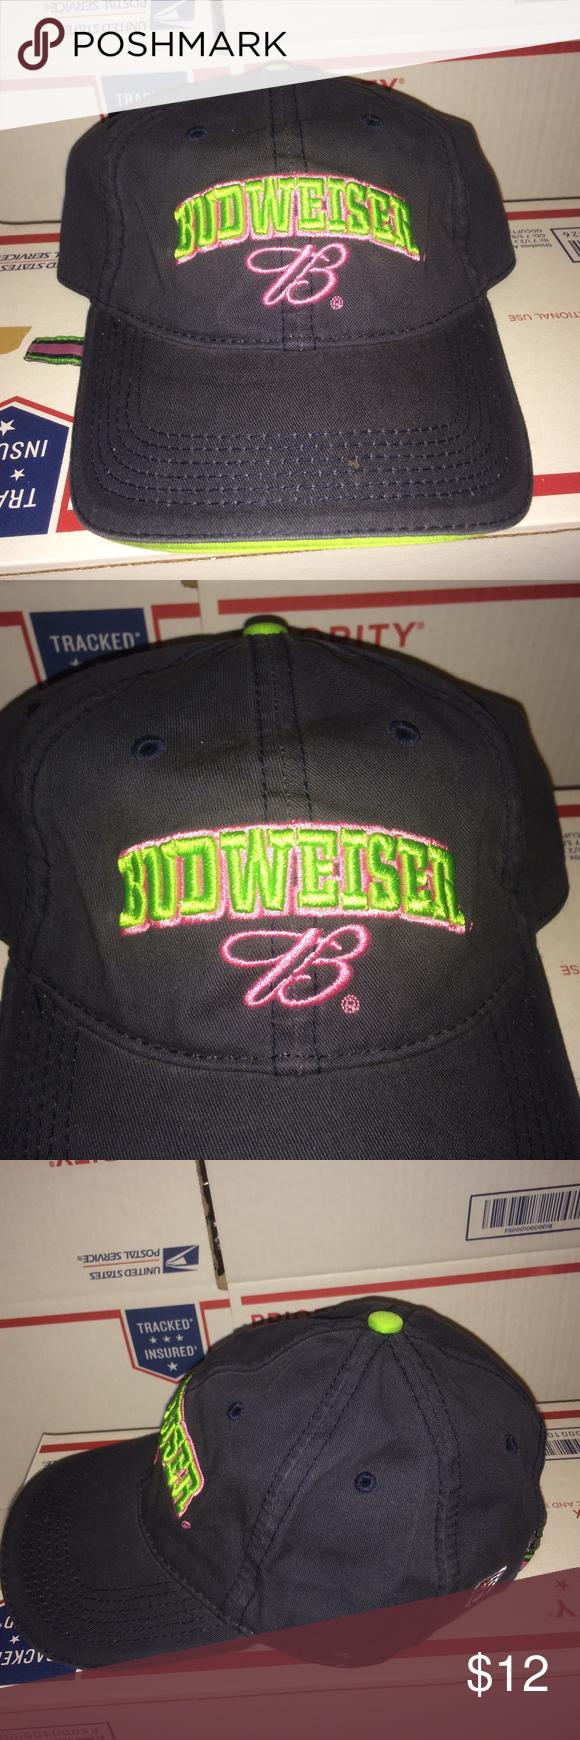 Budweiser B logo Girl hat Anheuser Busch BUD light Girl